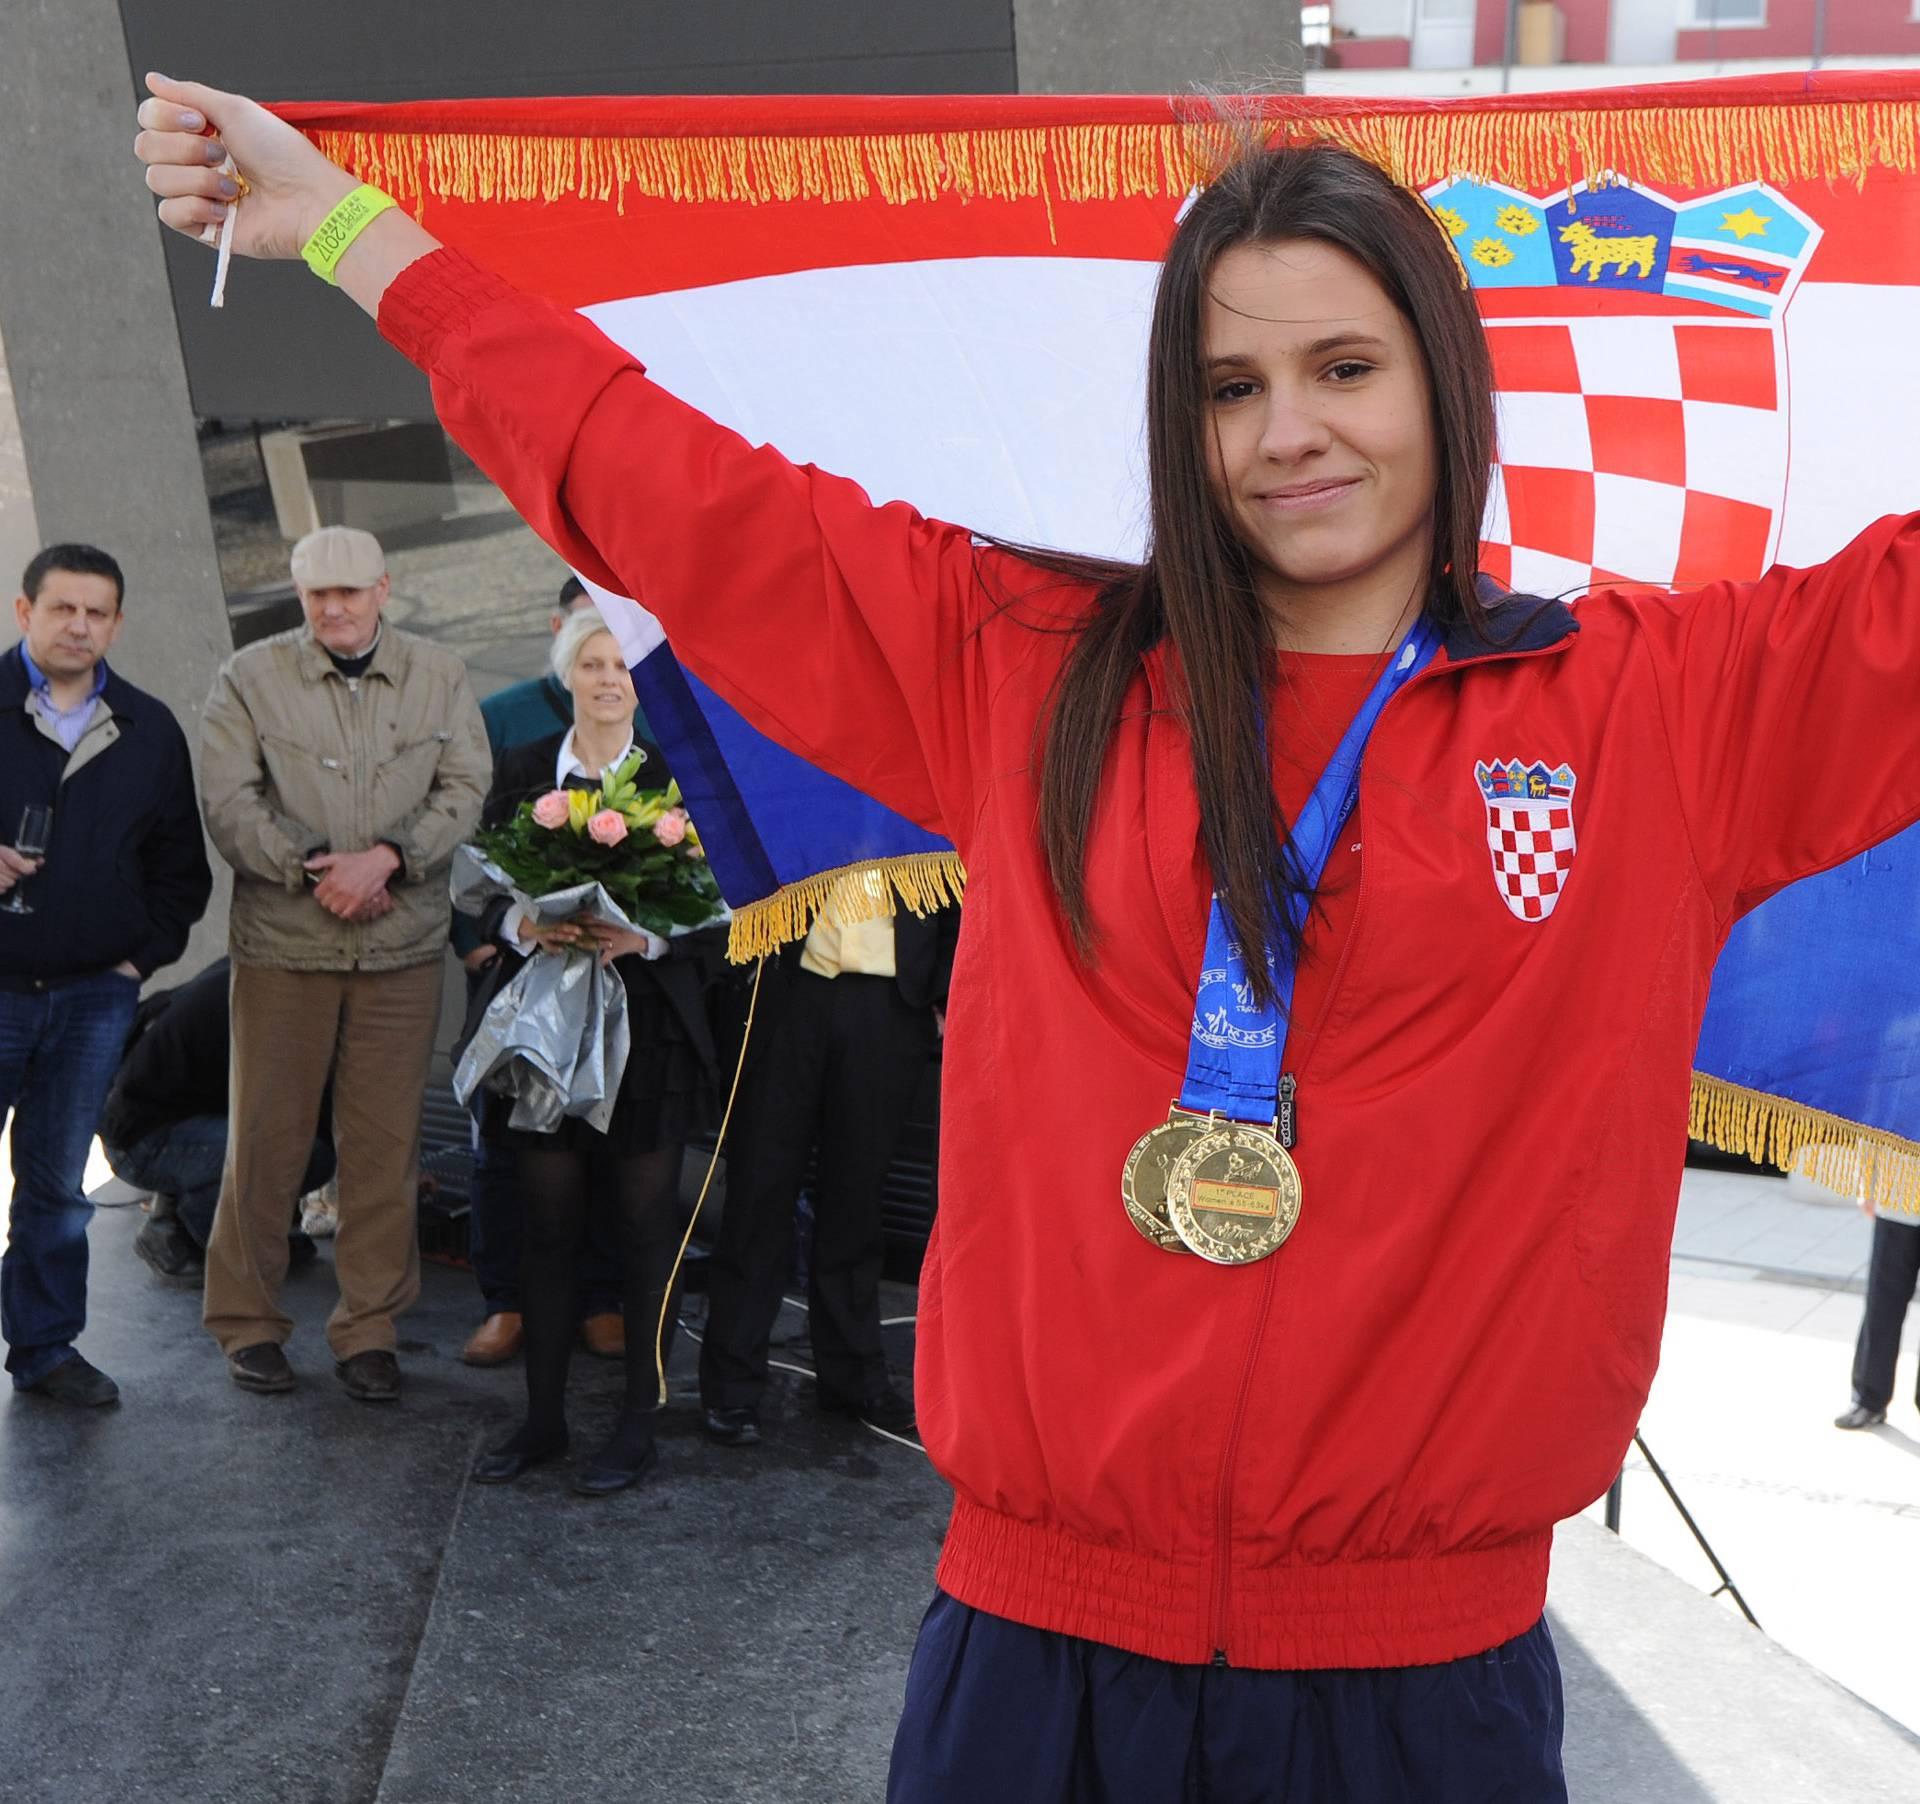 Matea Jelić izgubila je medalju na SP-u u posljednjoj sekundi